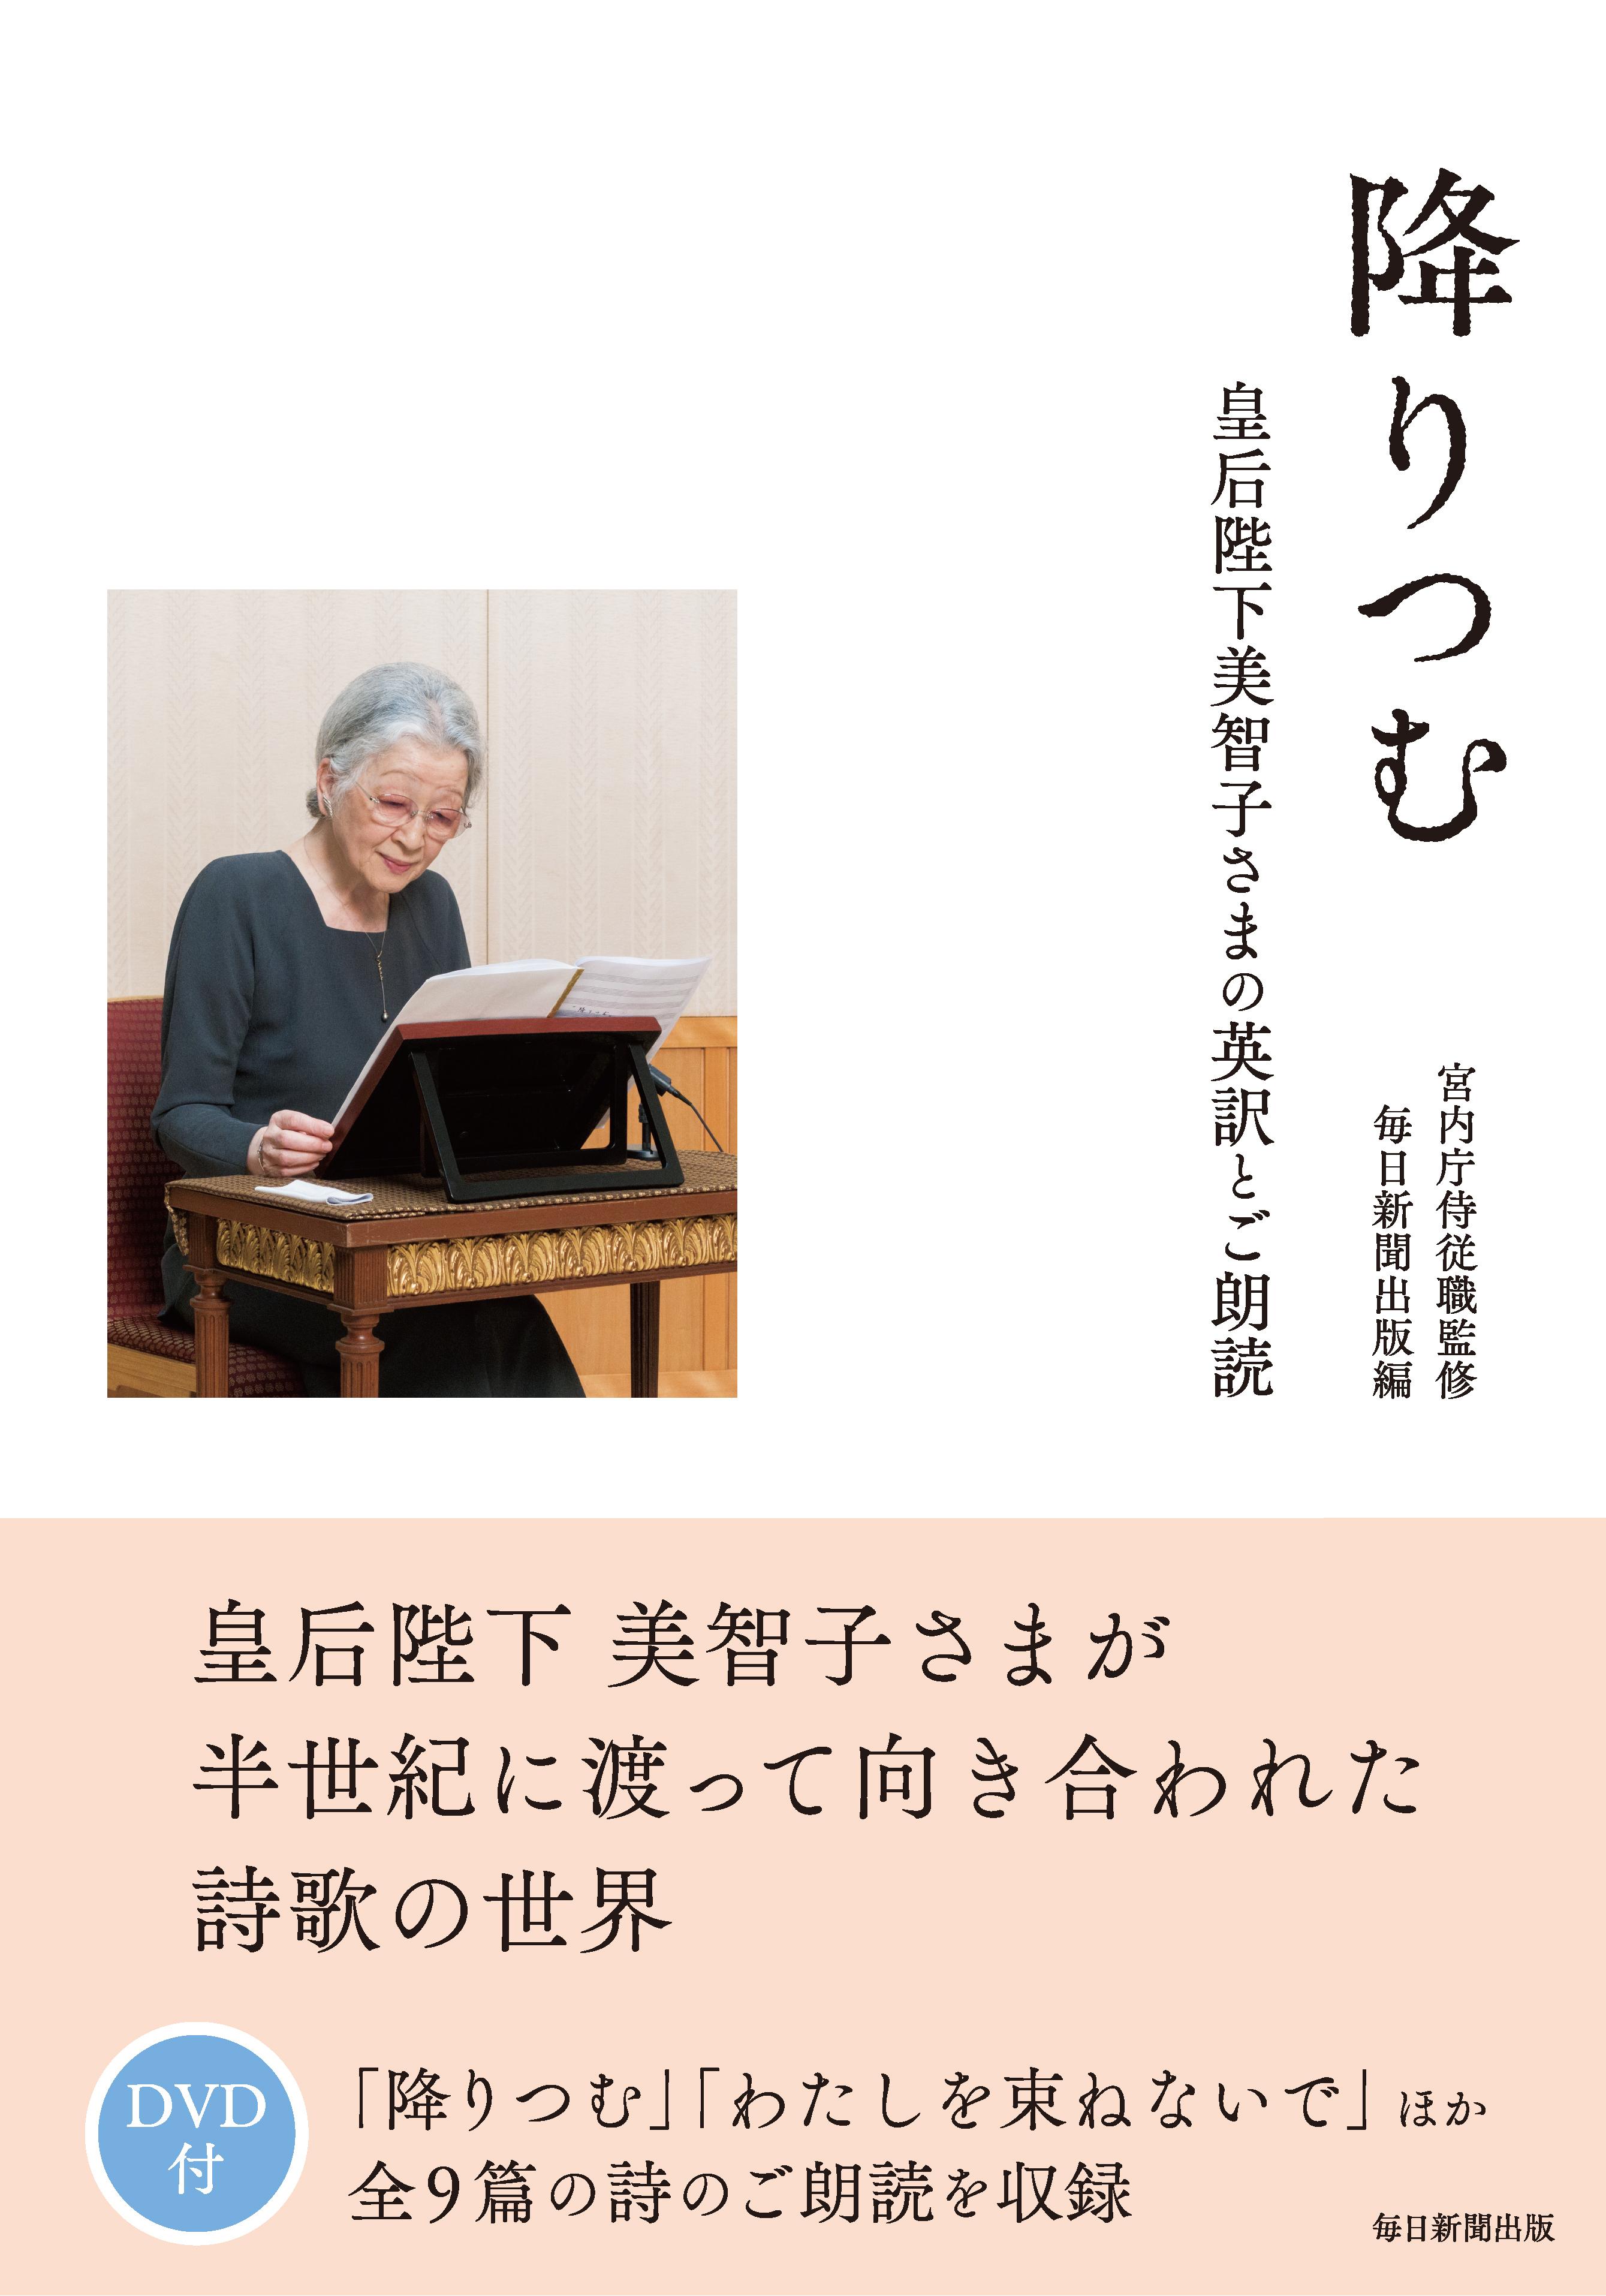 書影:降りつむ DVD付 皇后陛下美智子さまの英訳とご朗読